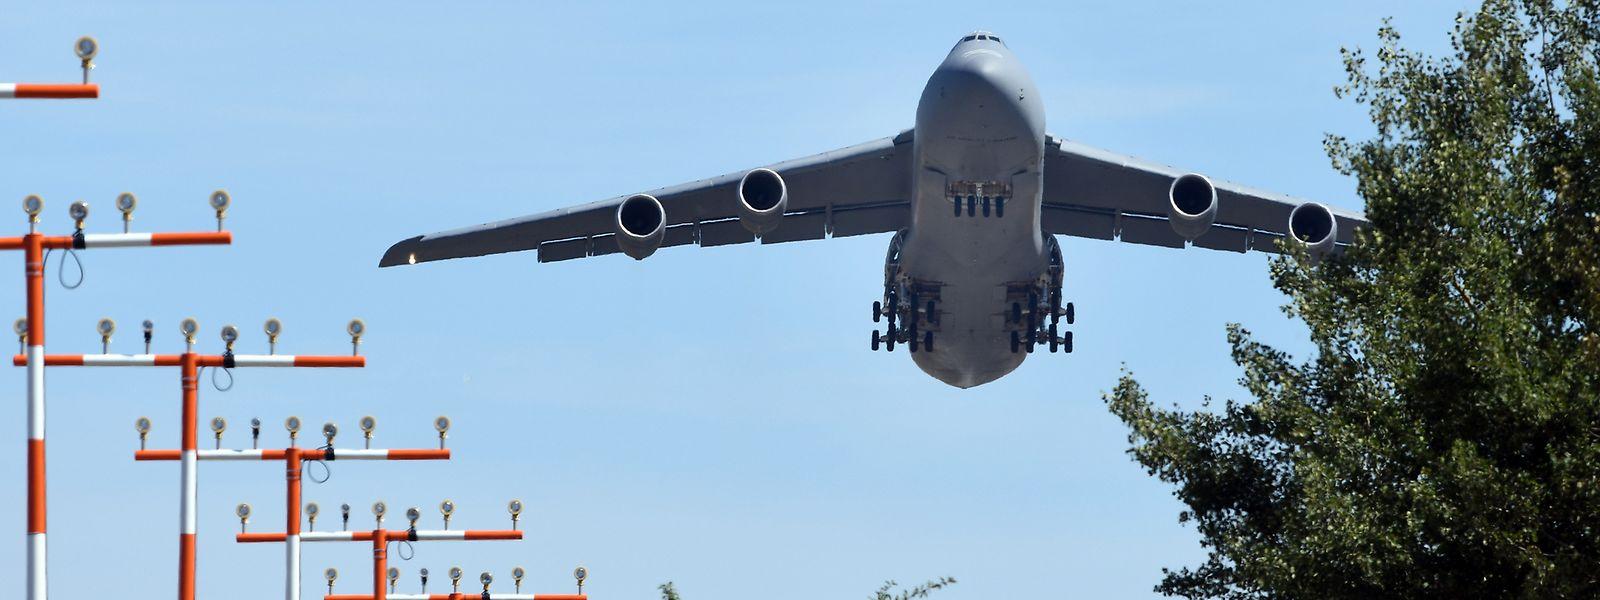 Ein Transportflugzeug vom Typ C-5 Galaxy startet vom US-Militärflughafen Spangdahlem.